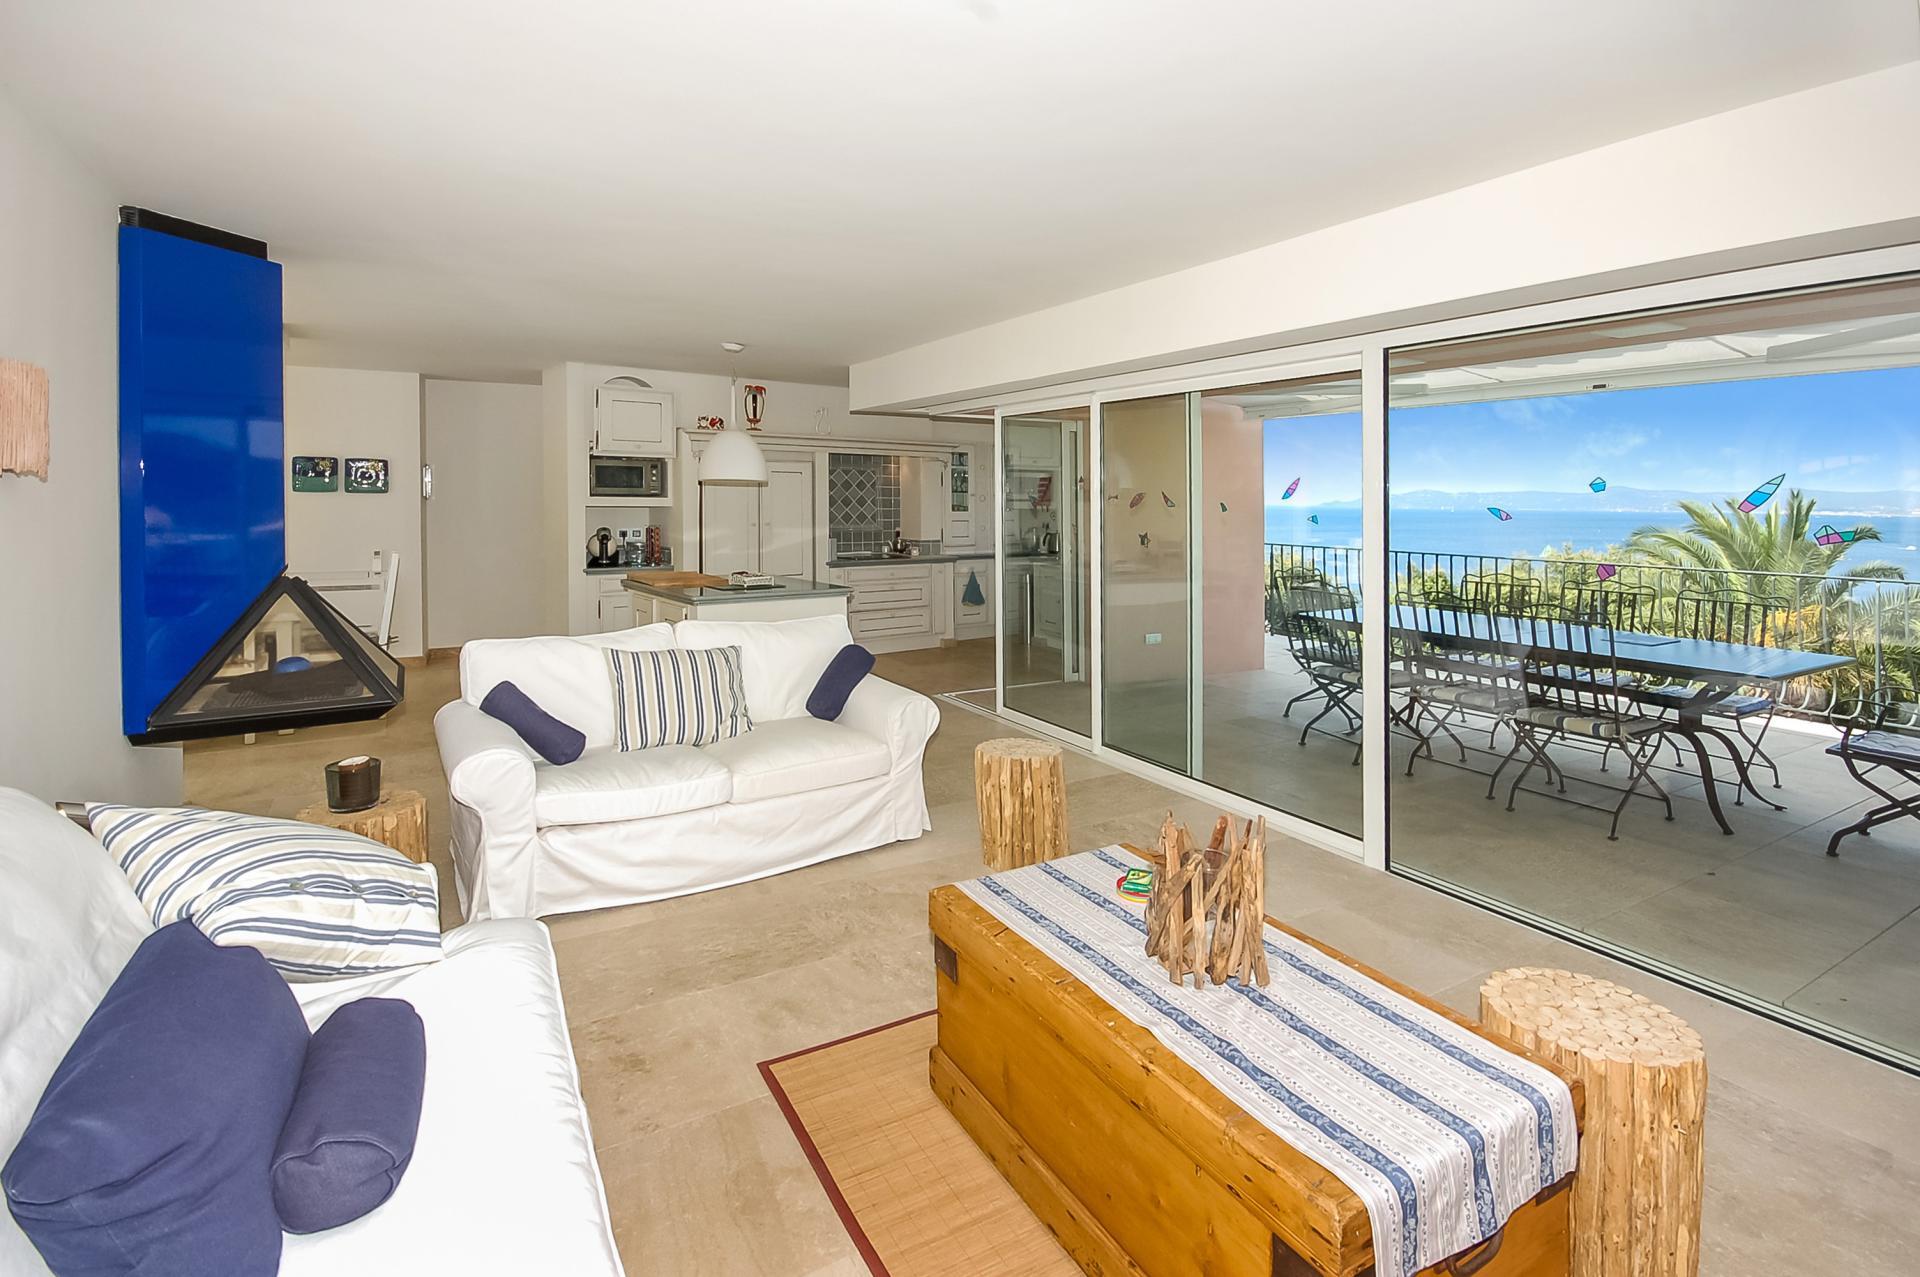 Living Room, La Grande Baie, Cavaliere, St Tropez Var.